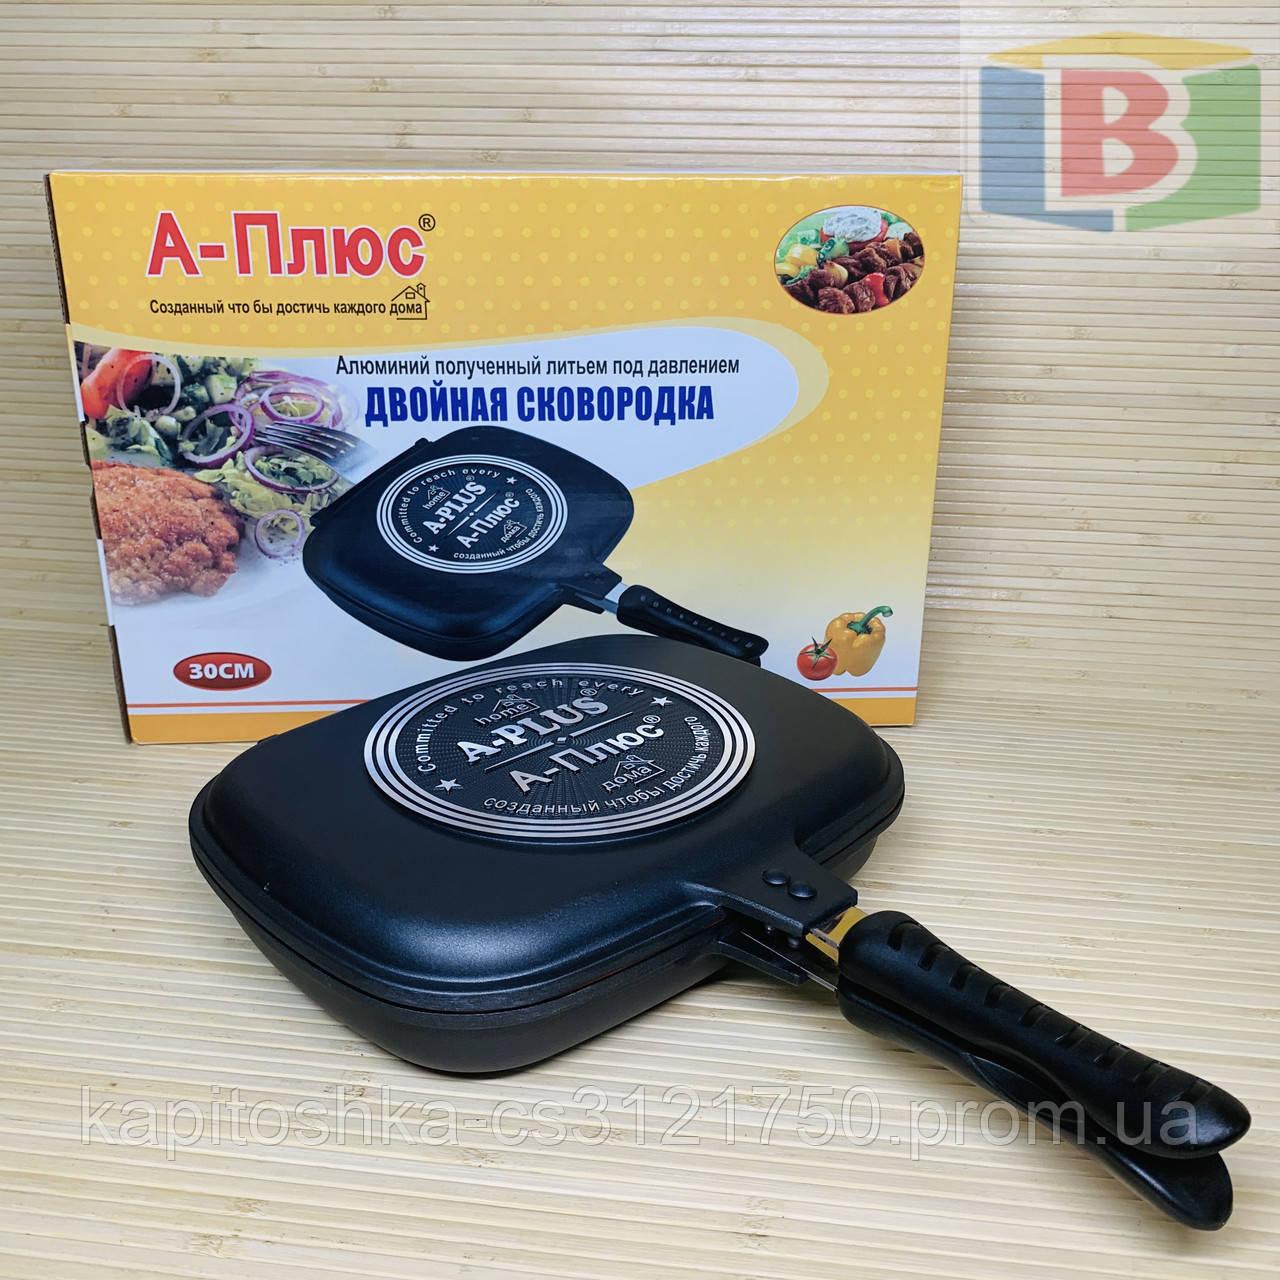 Сковорода двойная для гриля и жарки 30 см А-Плюс 1700